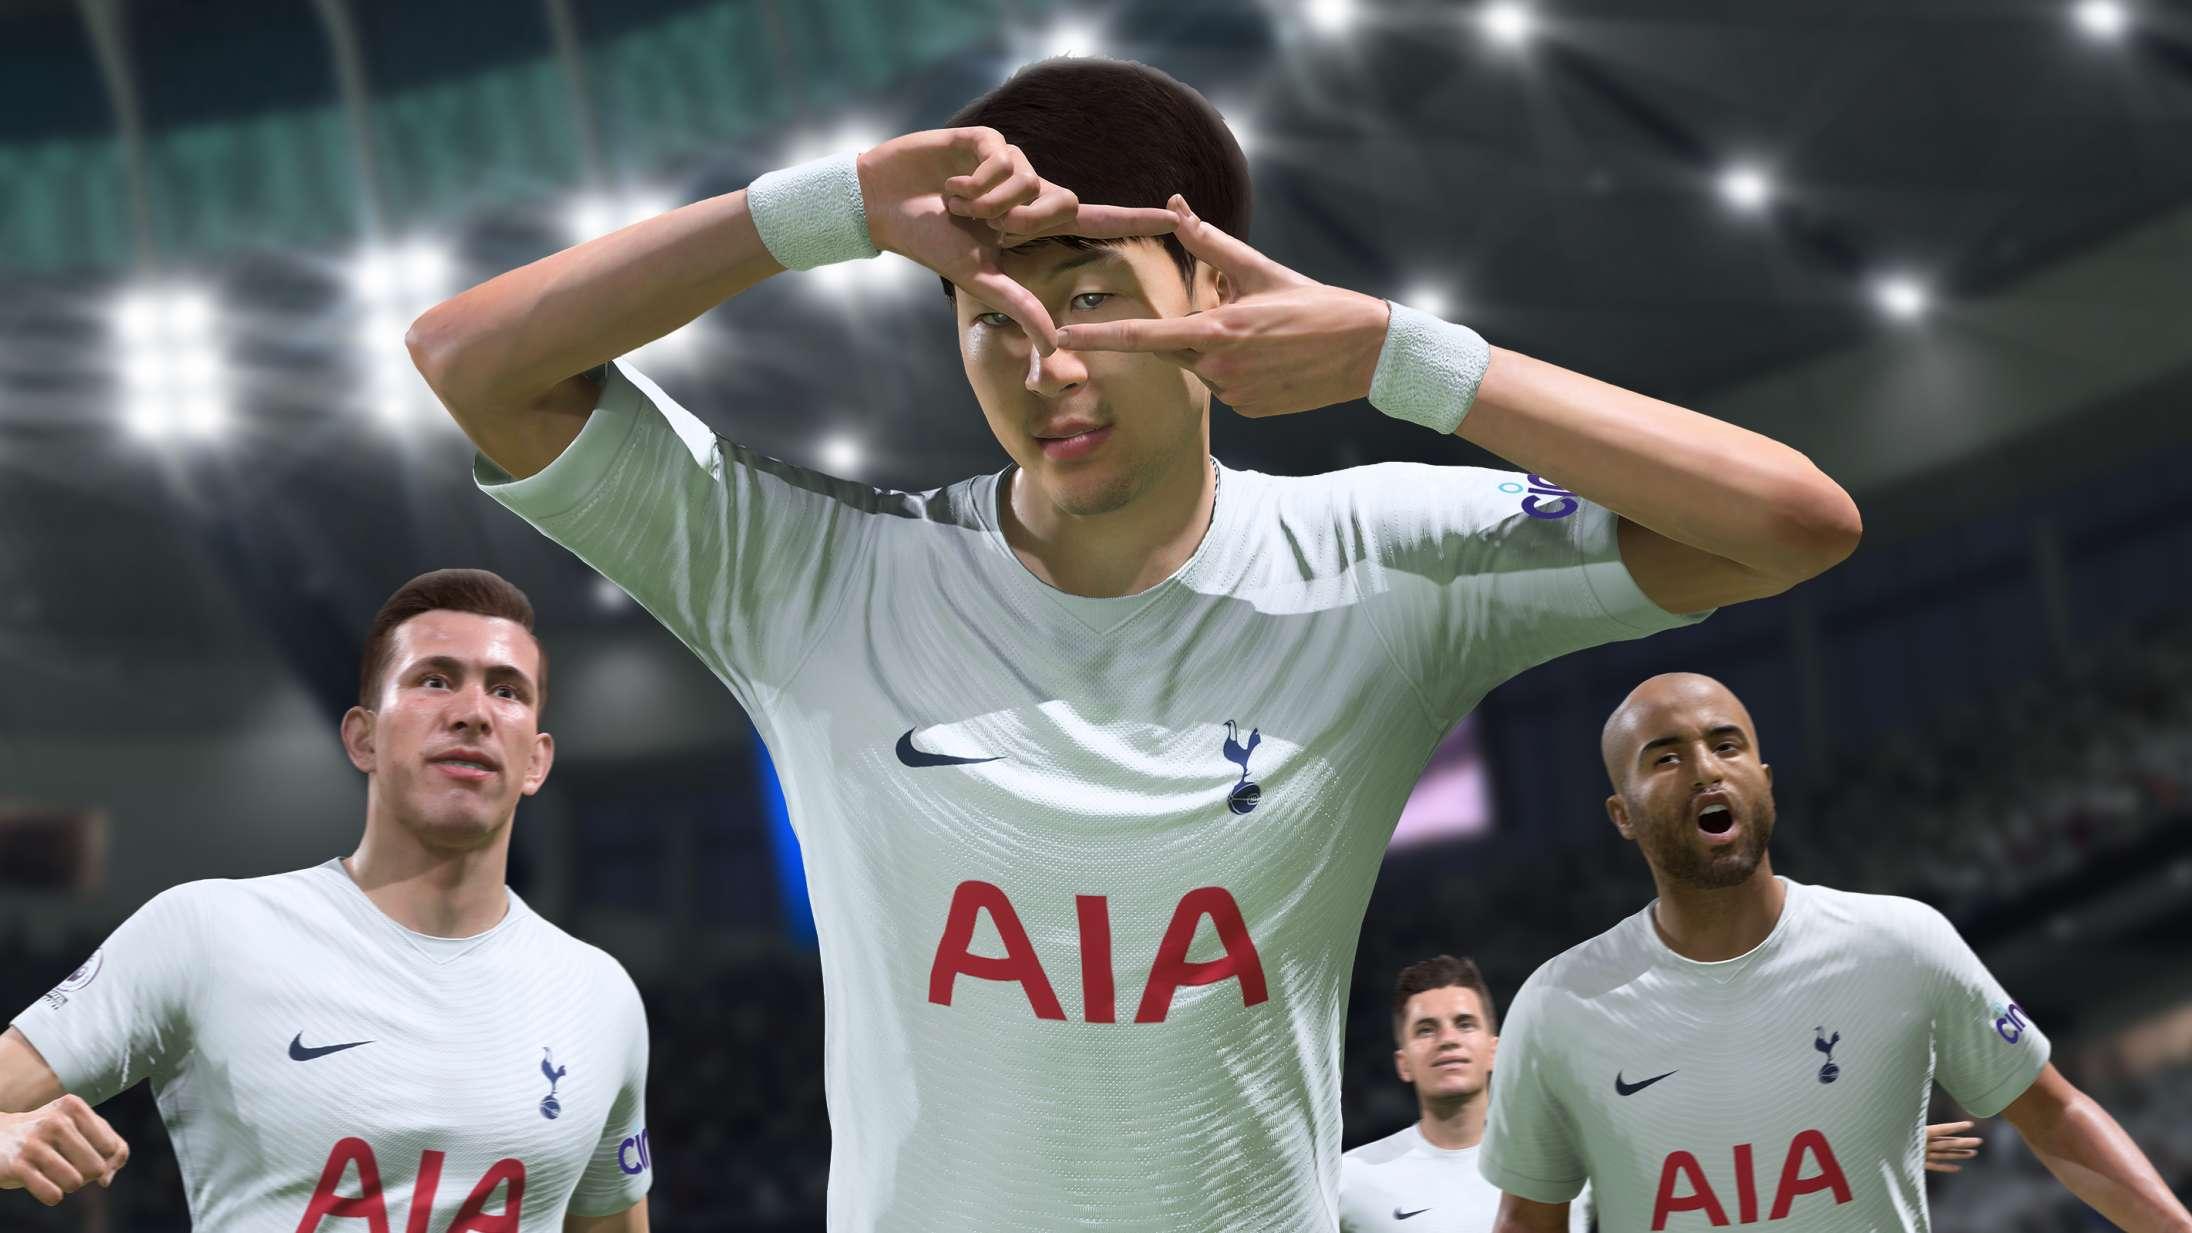 'FIFA 22' cementerer sin rolle som kongen af fodbold med en overlegen fuldtræffer